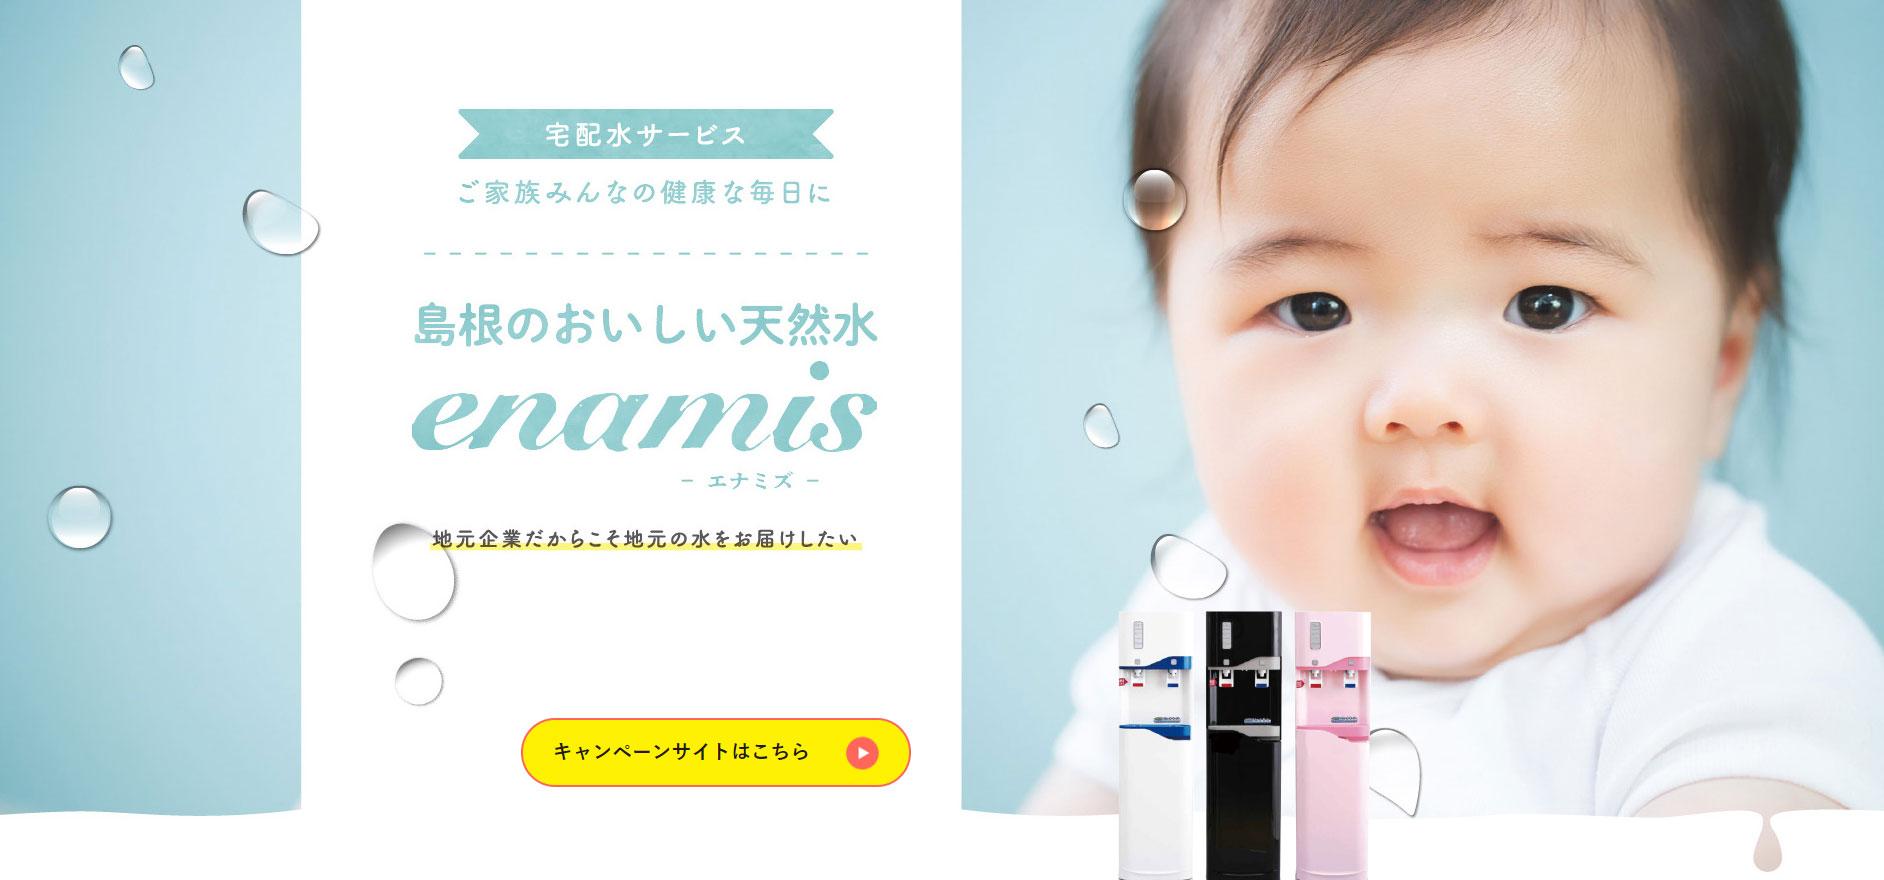 宅配水サービス ご家族みんなの健康な毎日に 島根のおいしい天然水 enamis 地元企業だからこそ地元の水をお届けしたい